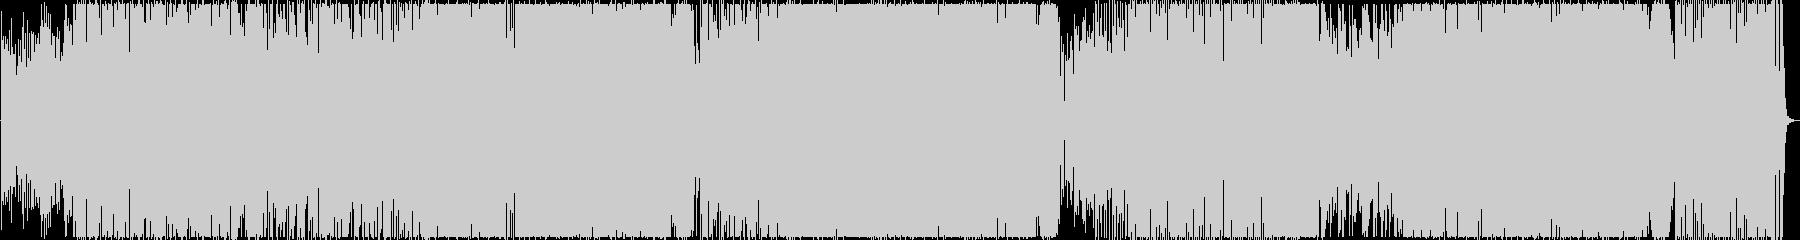 展開が多くクールなオルタナティブロックの未再生の波形